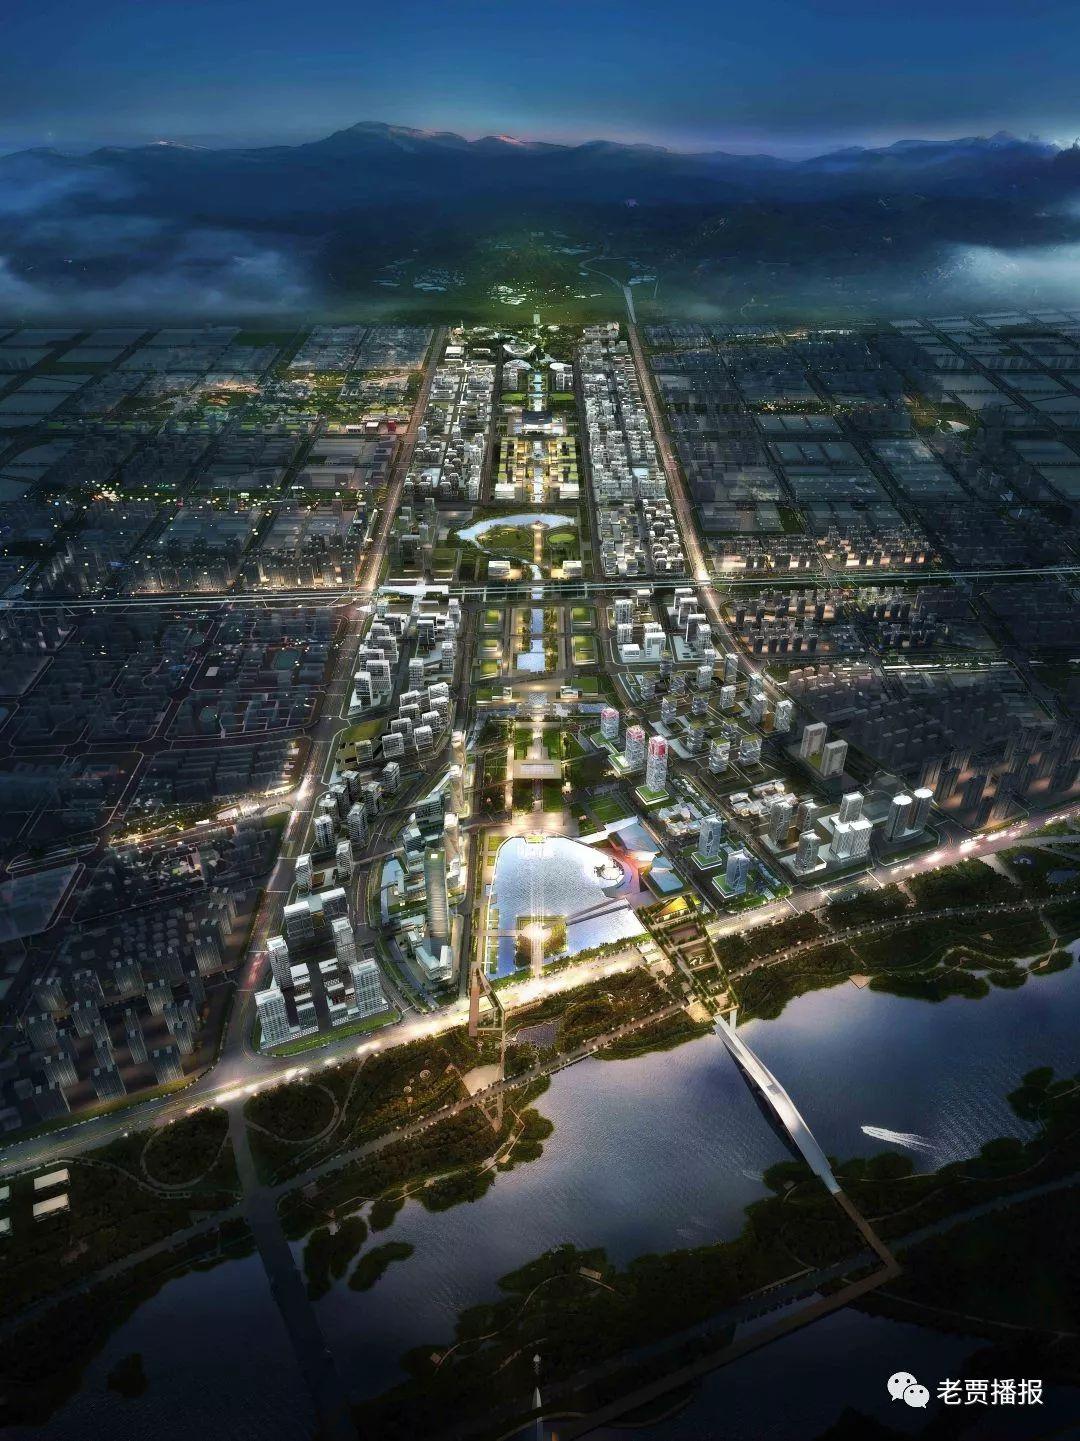 伊滨新区规划图,可以看到明显的中轴